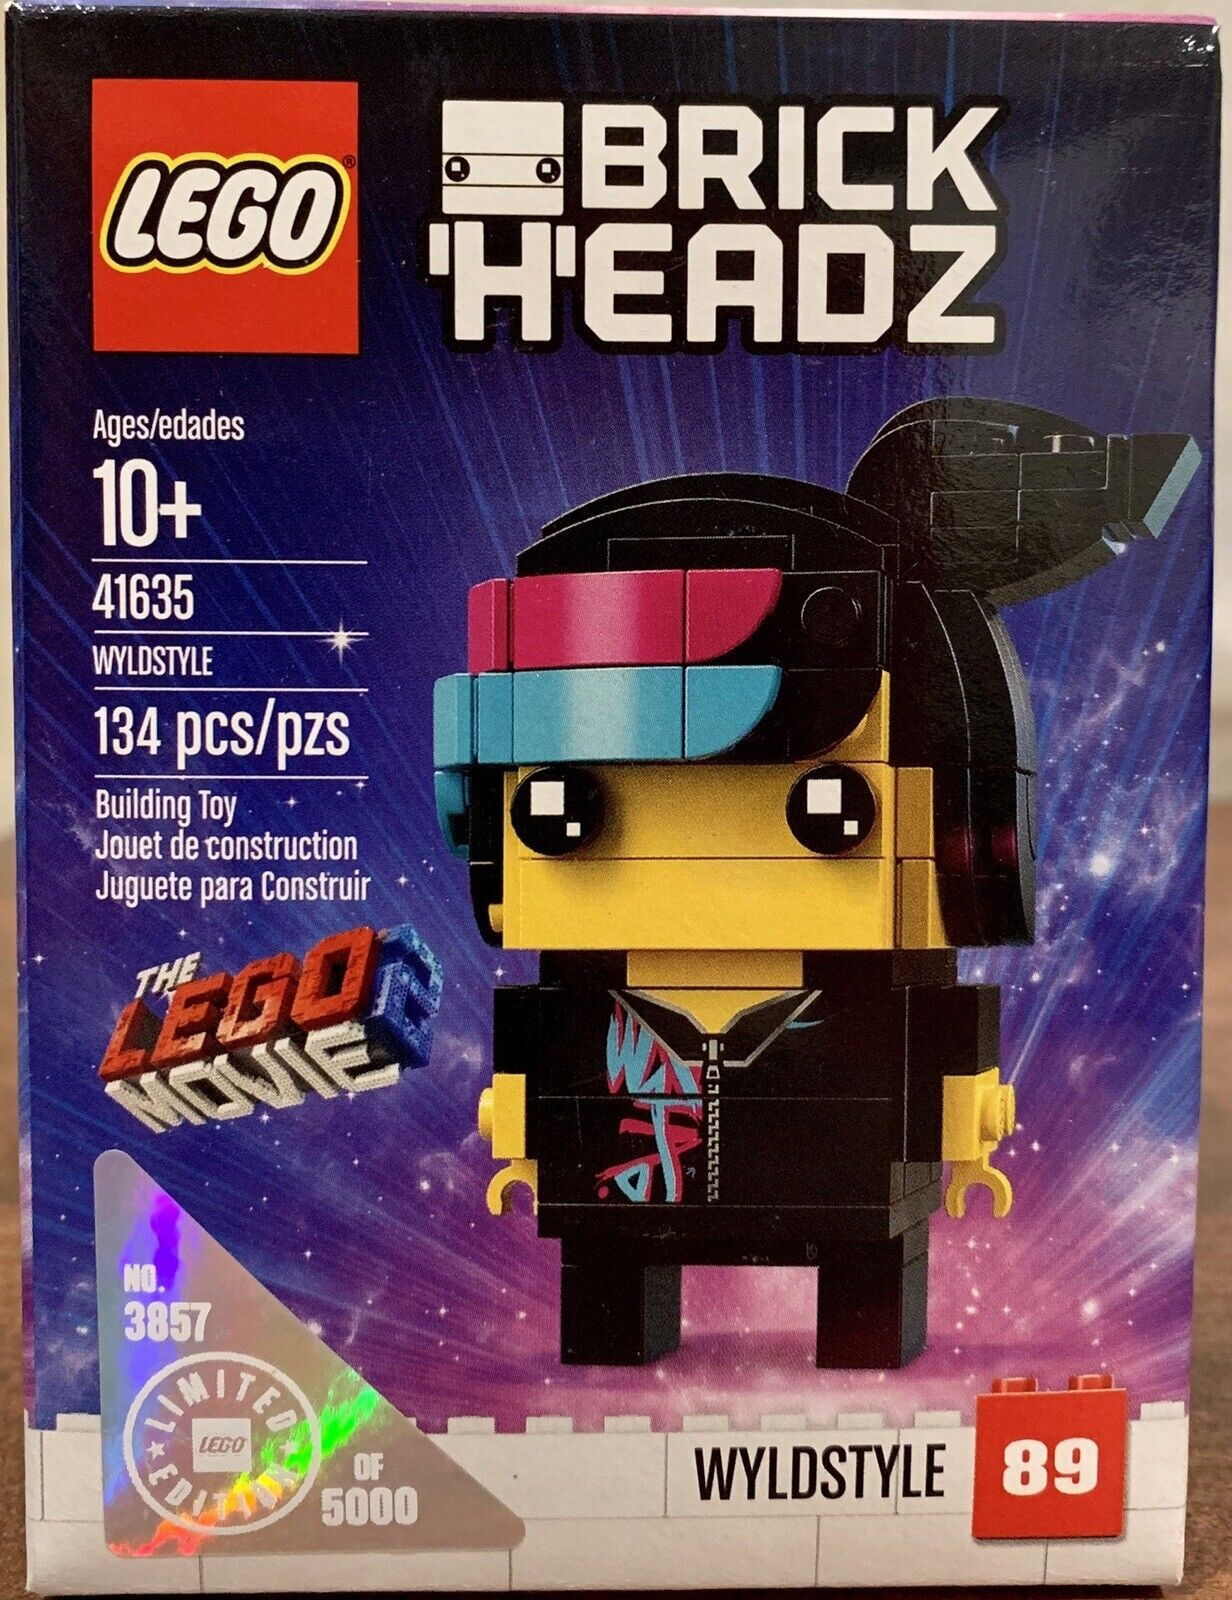 Lego la película 2 brickheadz Ultra Raro Wyldstyle 41635 Edición limitada conjunto Numerada